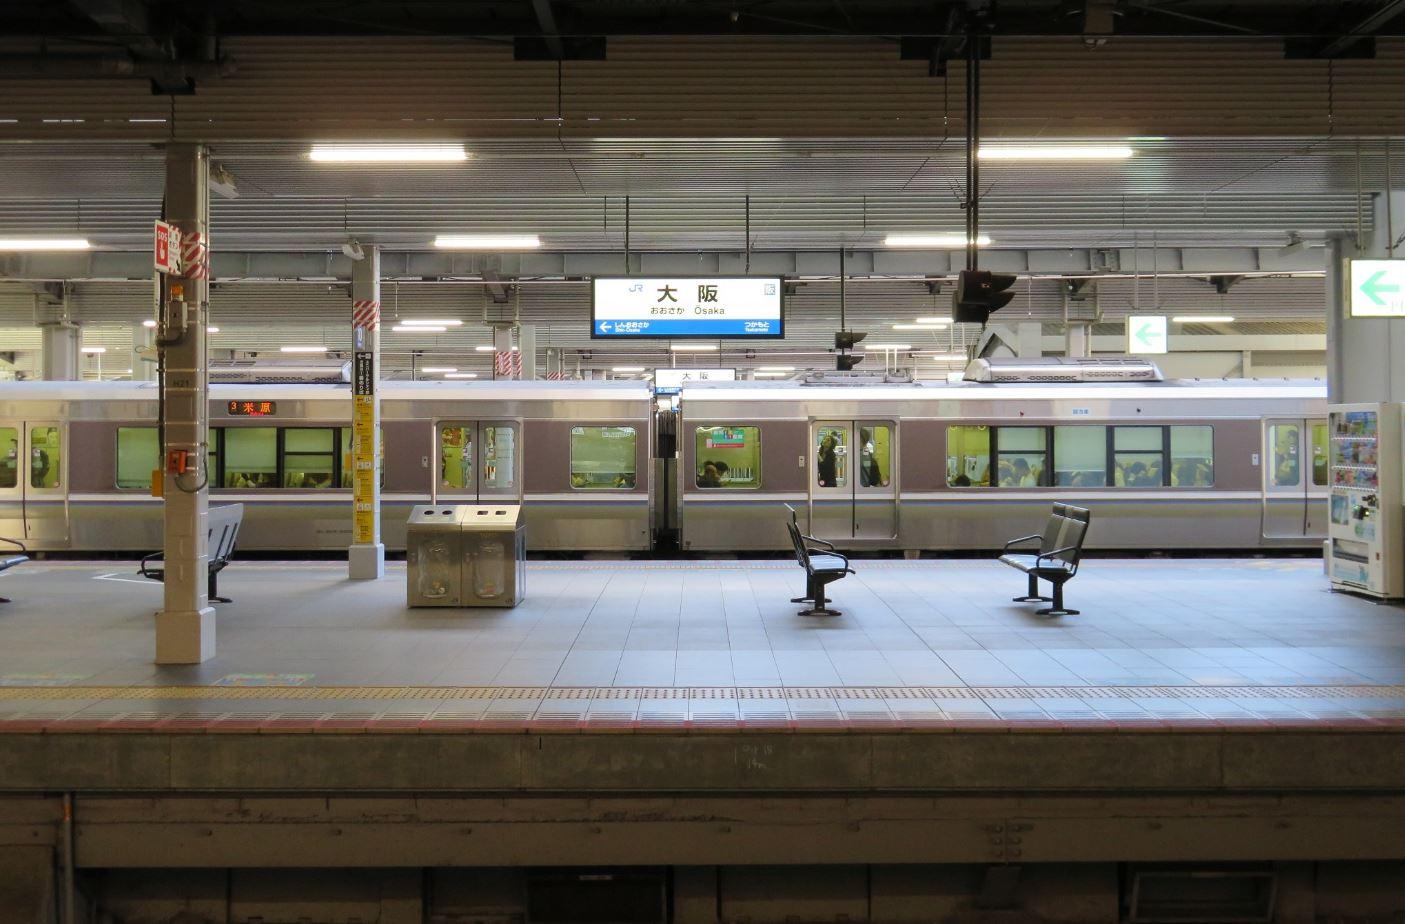 Osaka train platform